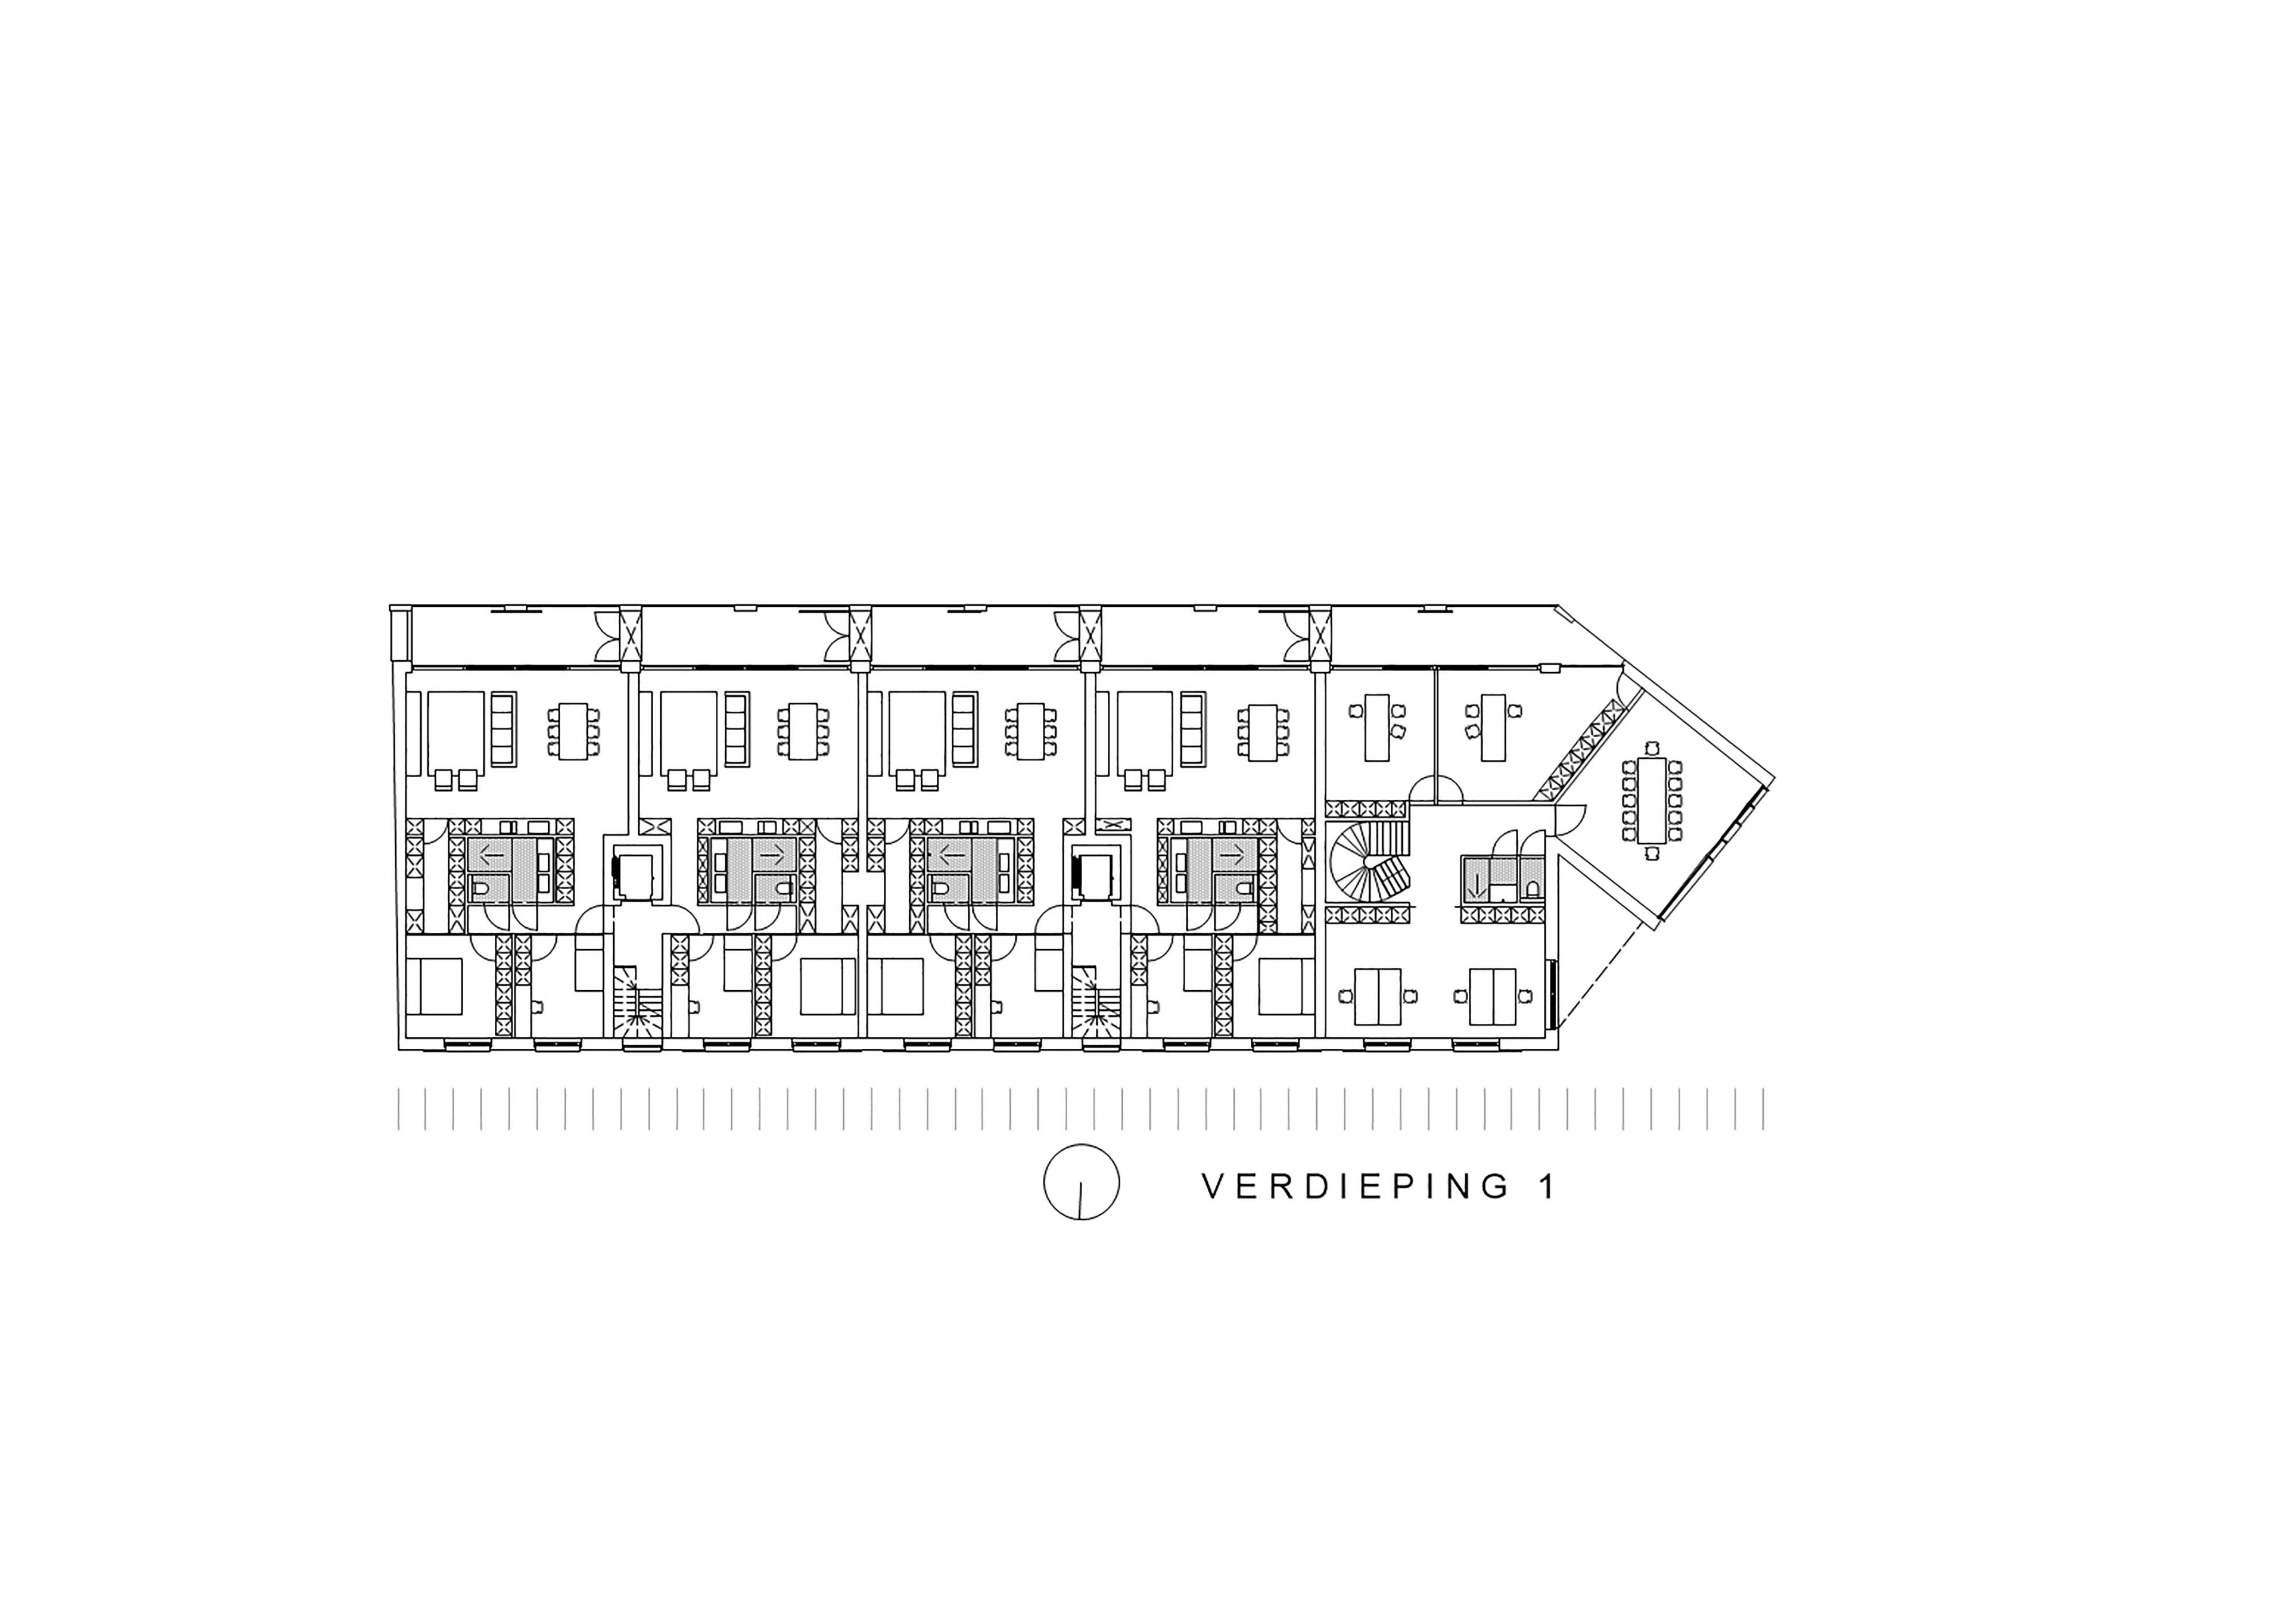 verdieping 1 appartementen